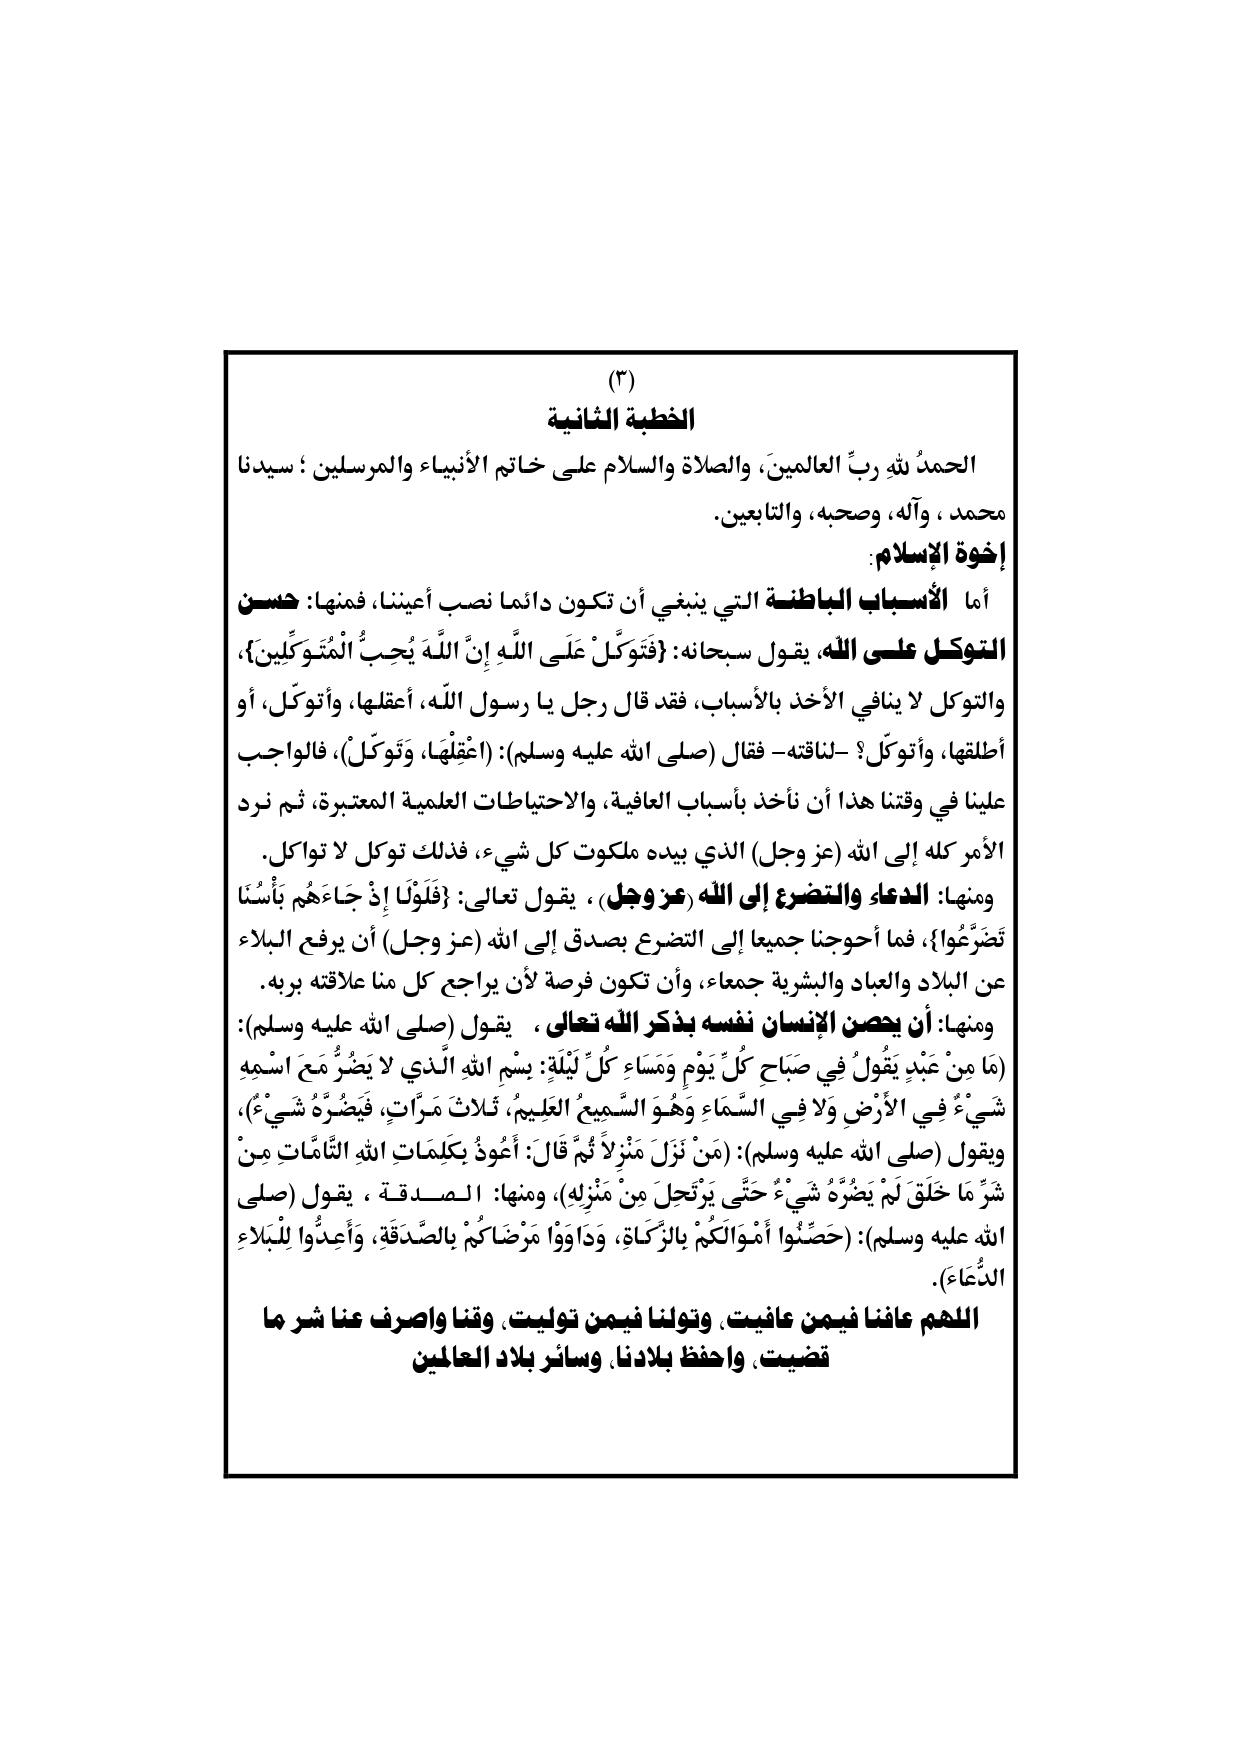 خطبة الجمعة القادمة الأسباب الظاهرة والباطنة لرفع البلاء ووجوب